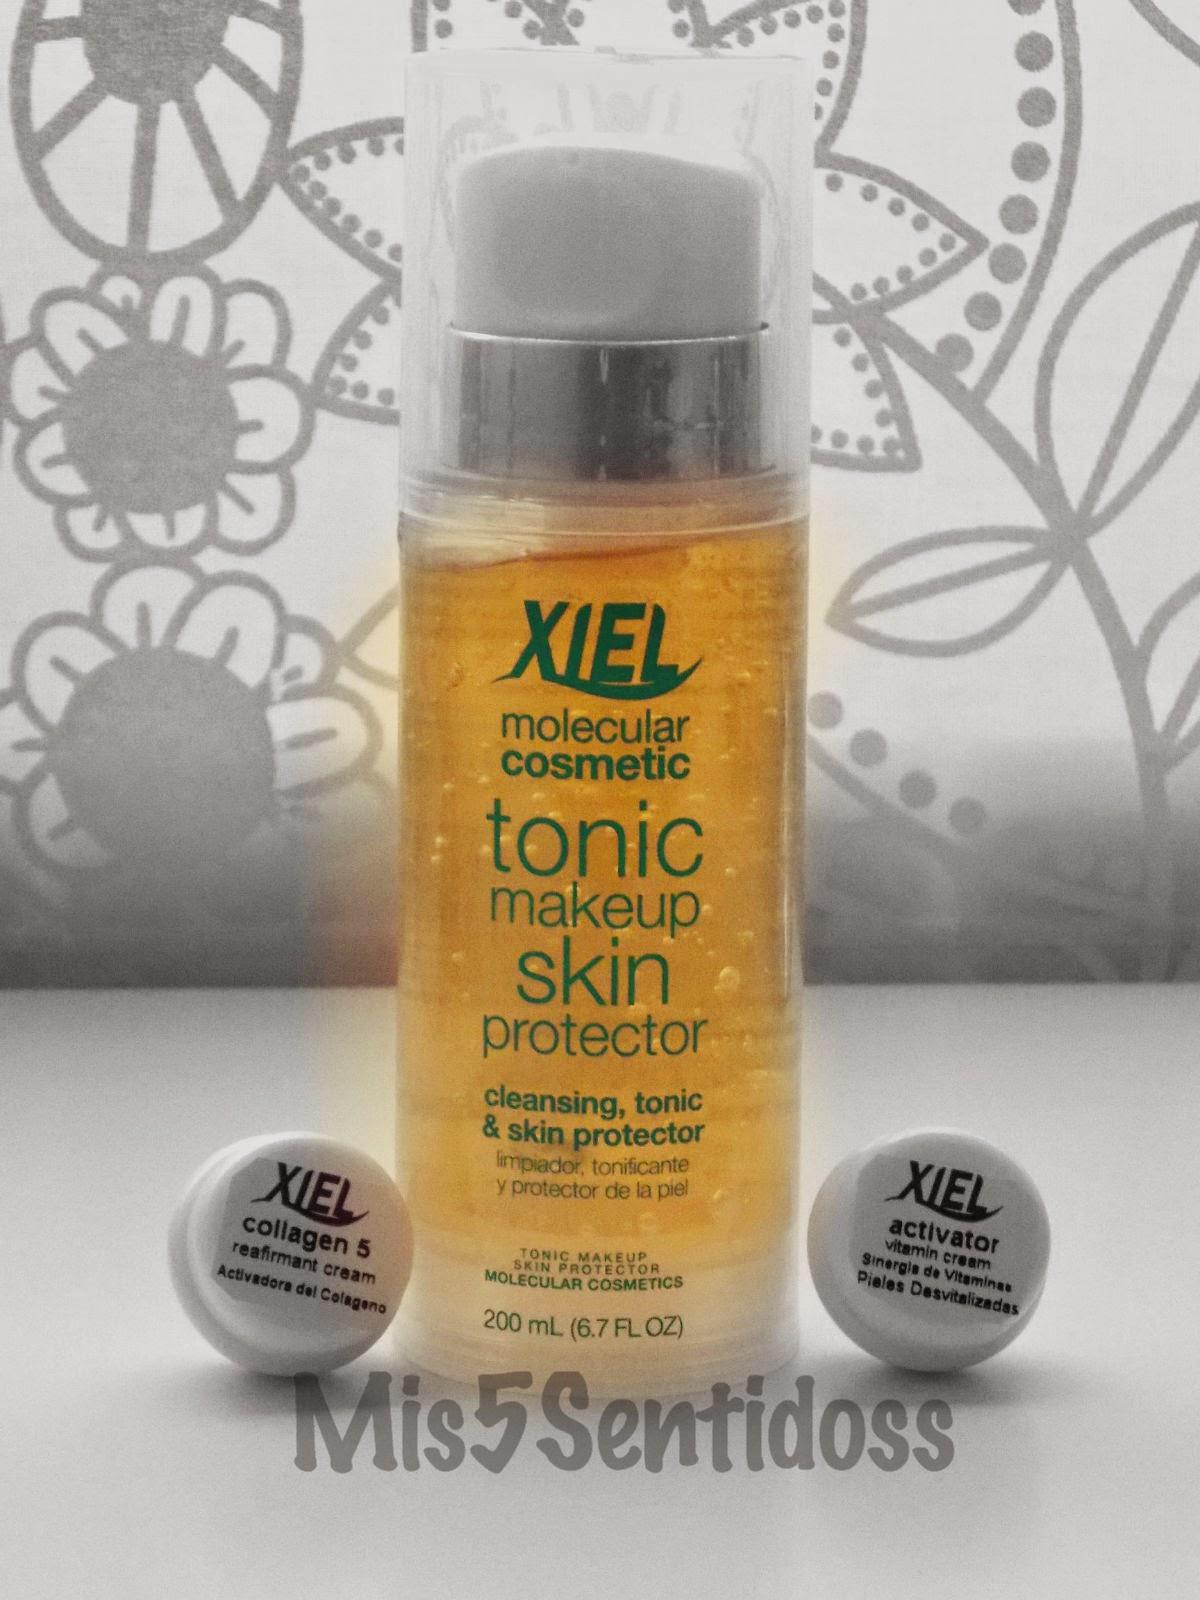 Xiel Tonic Makeup Skin Protector